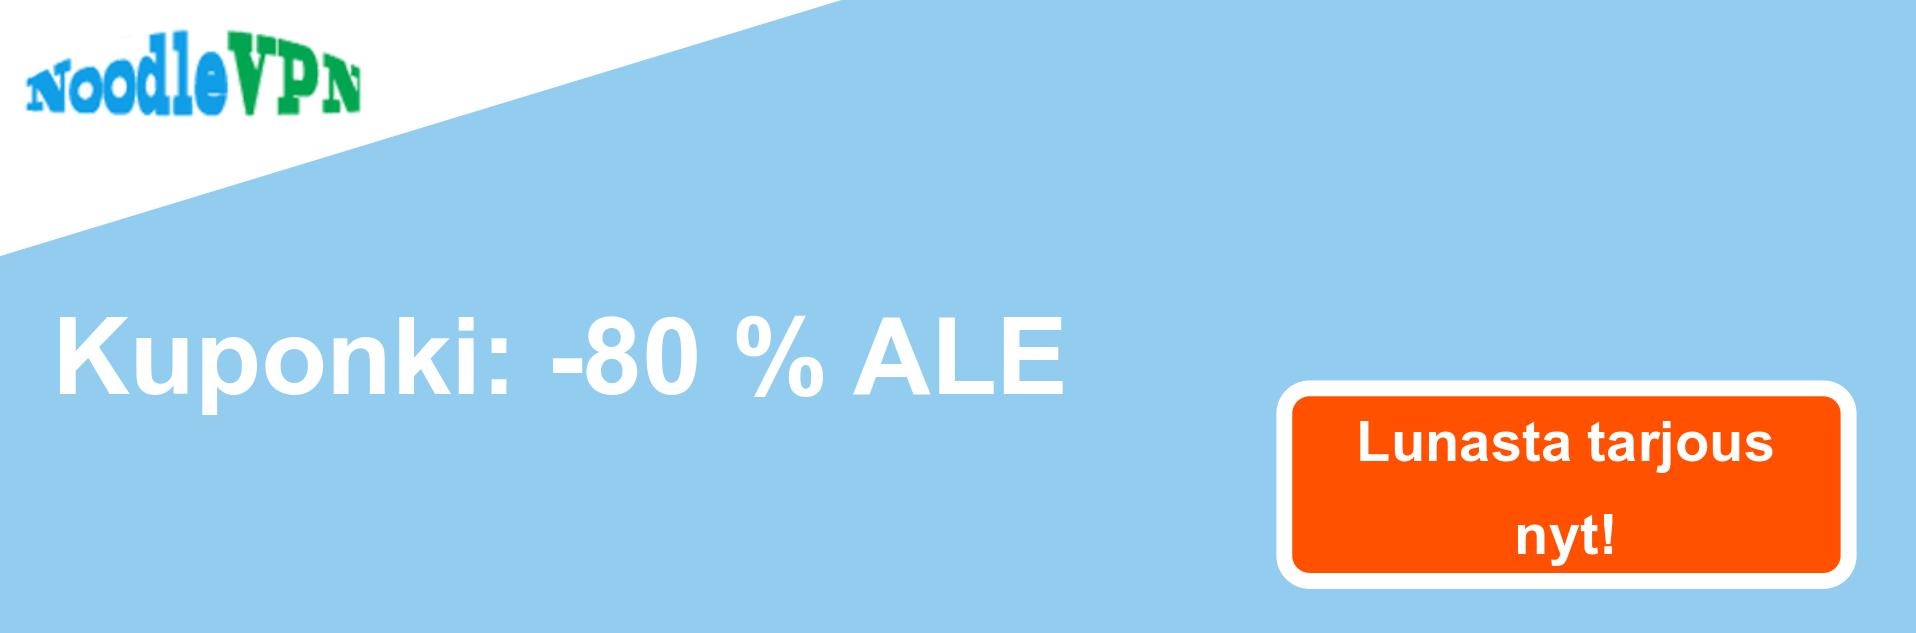 NoodleVPN -kupongin banneri - 80% alennus